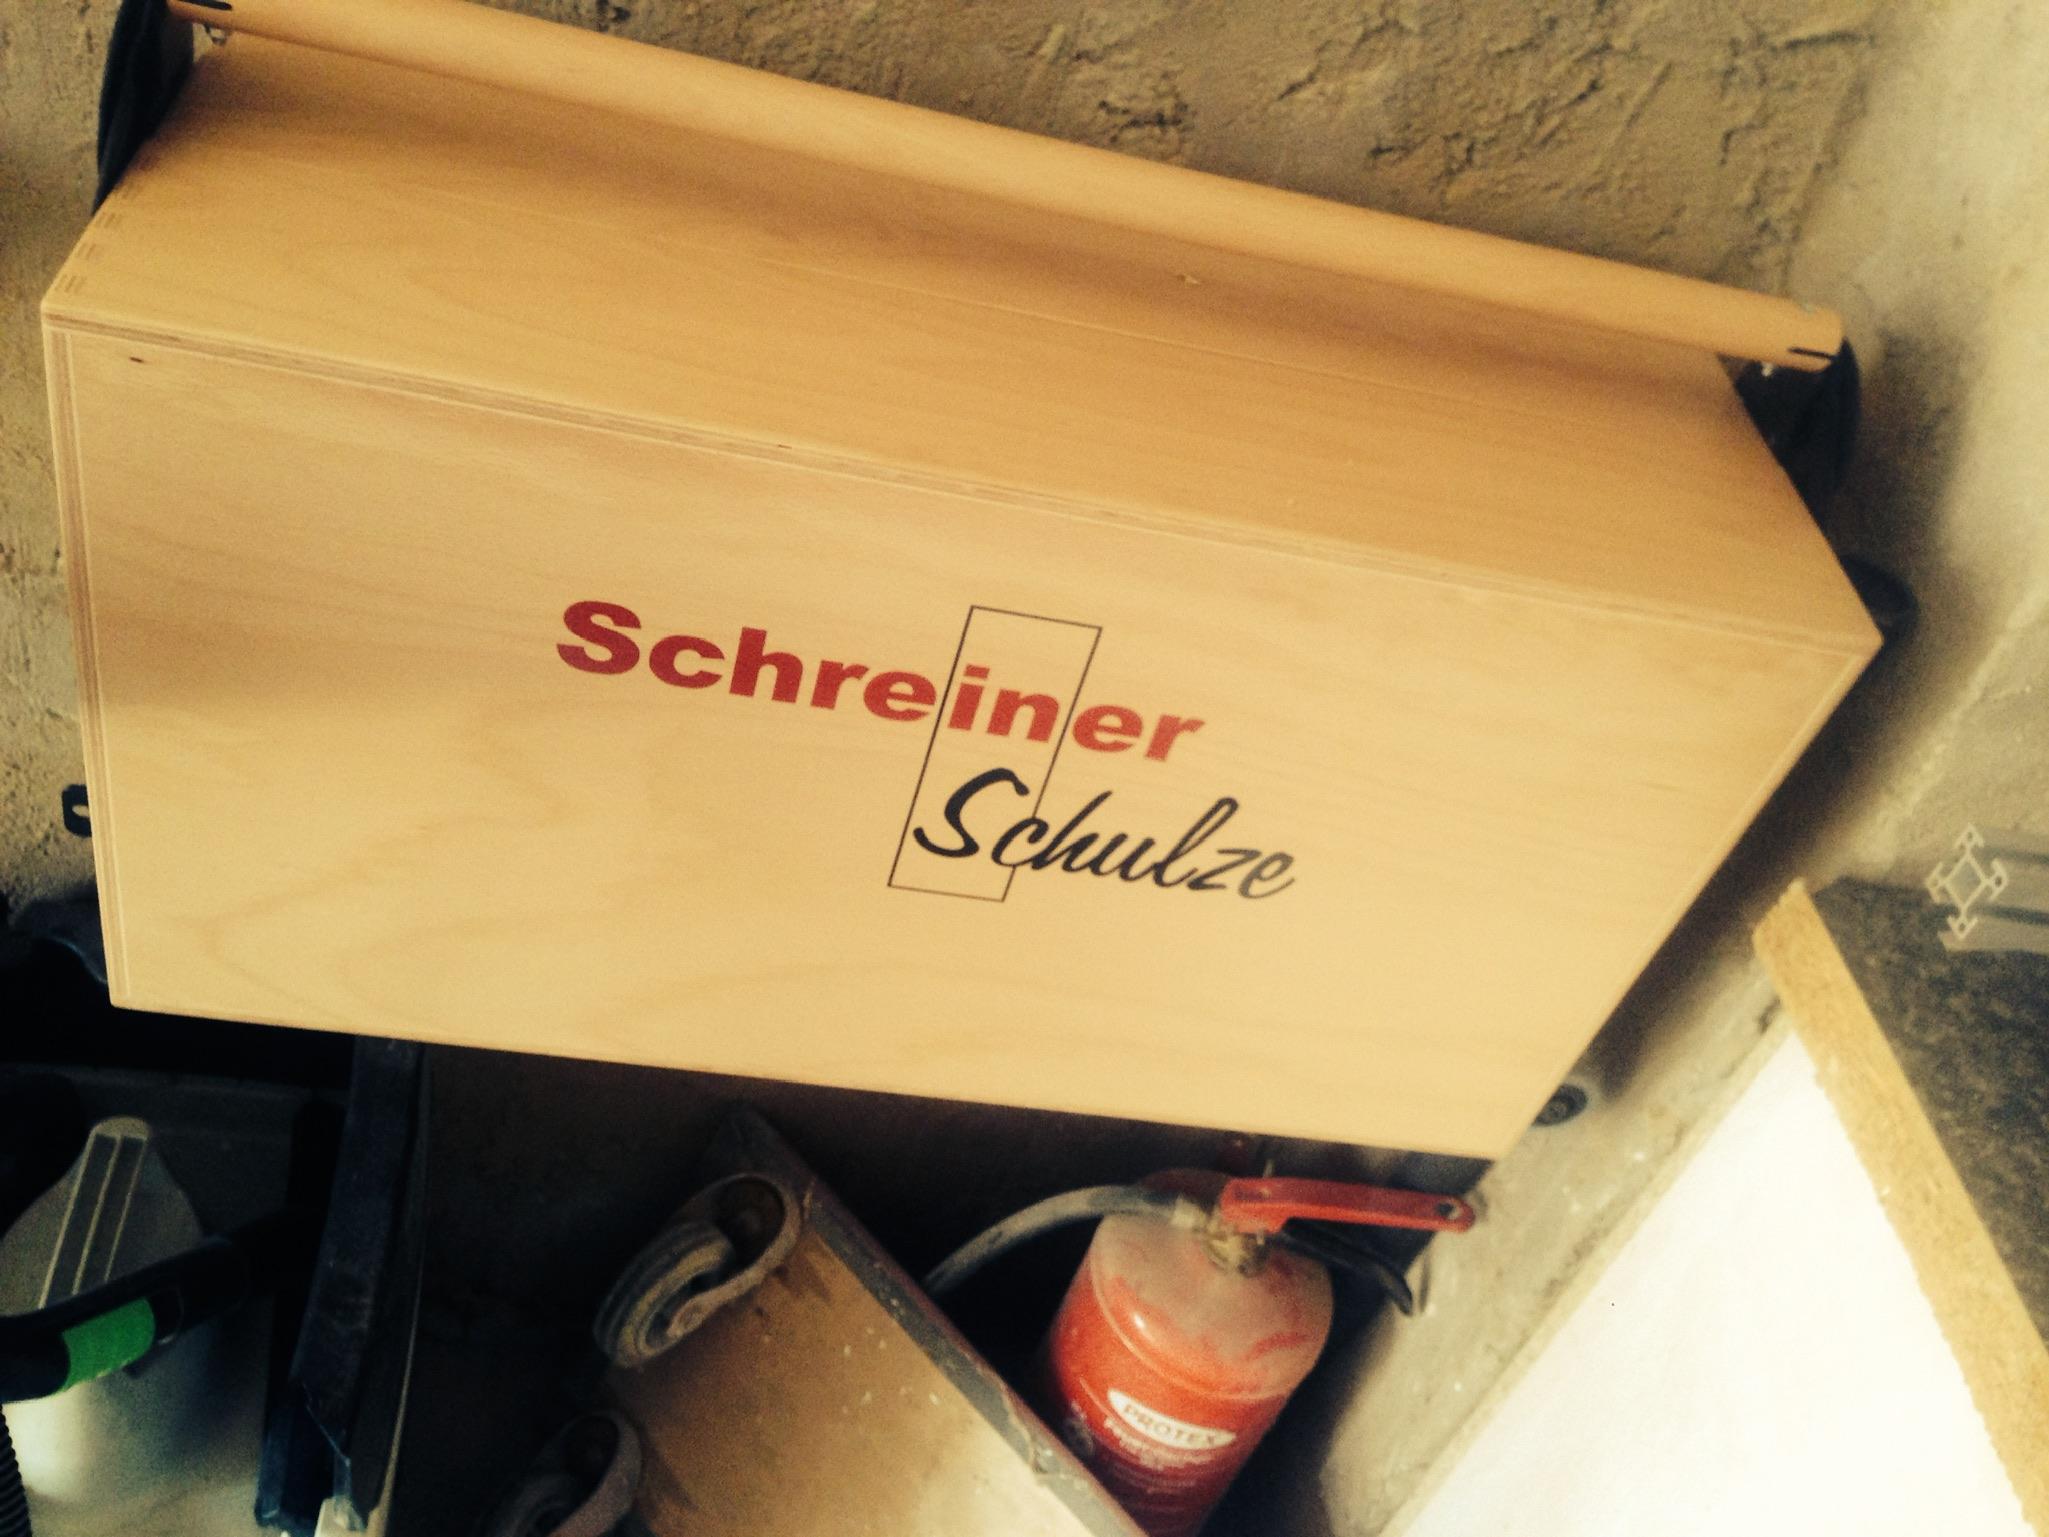 Werkzeugkasten der Schreinerei Schulze